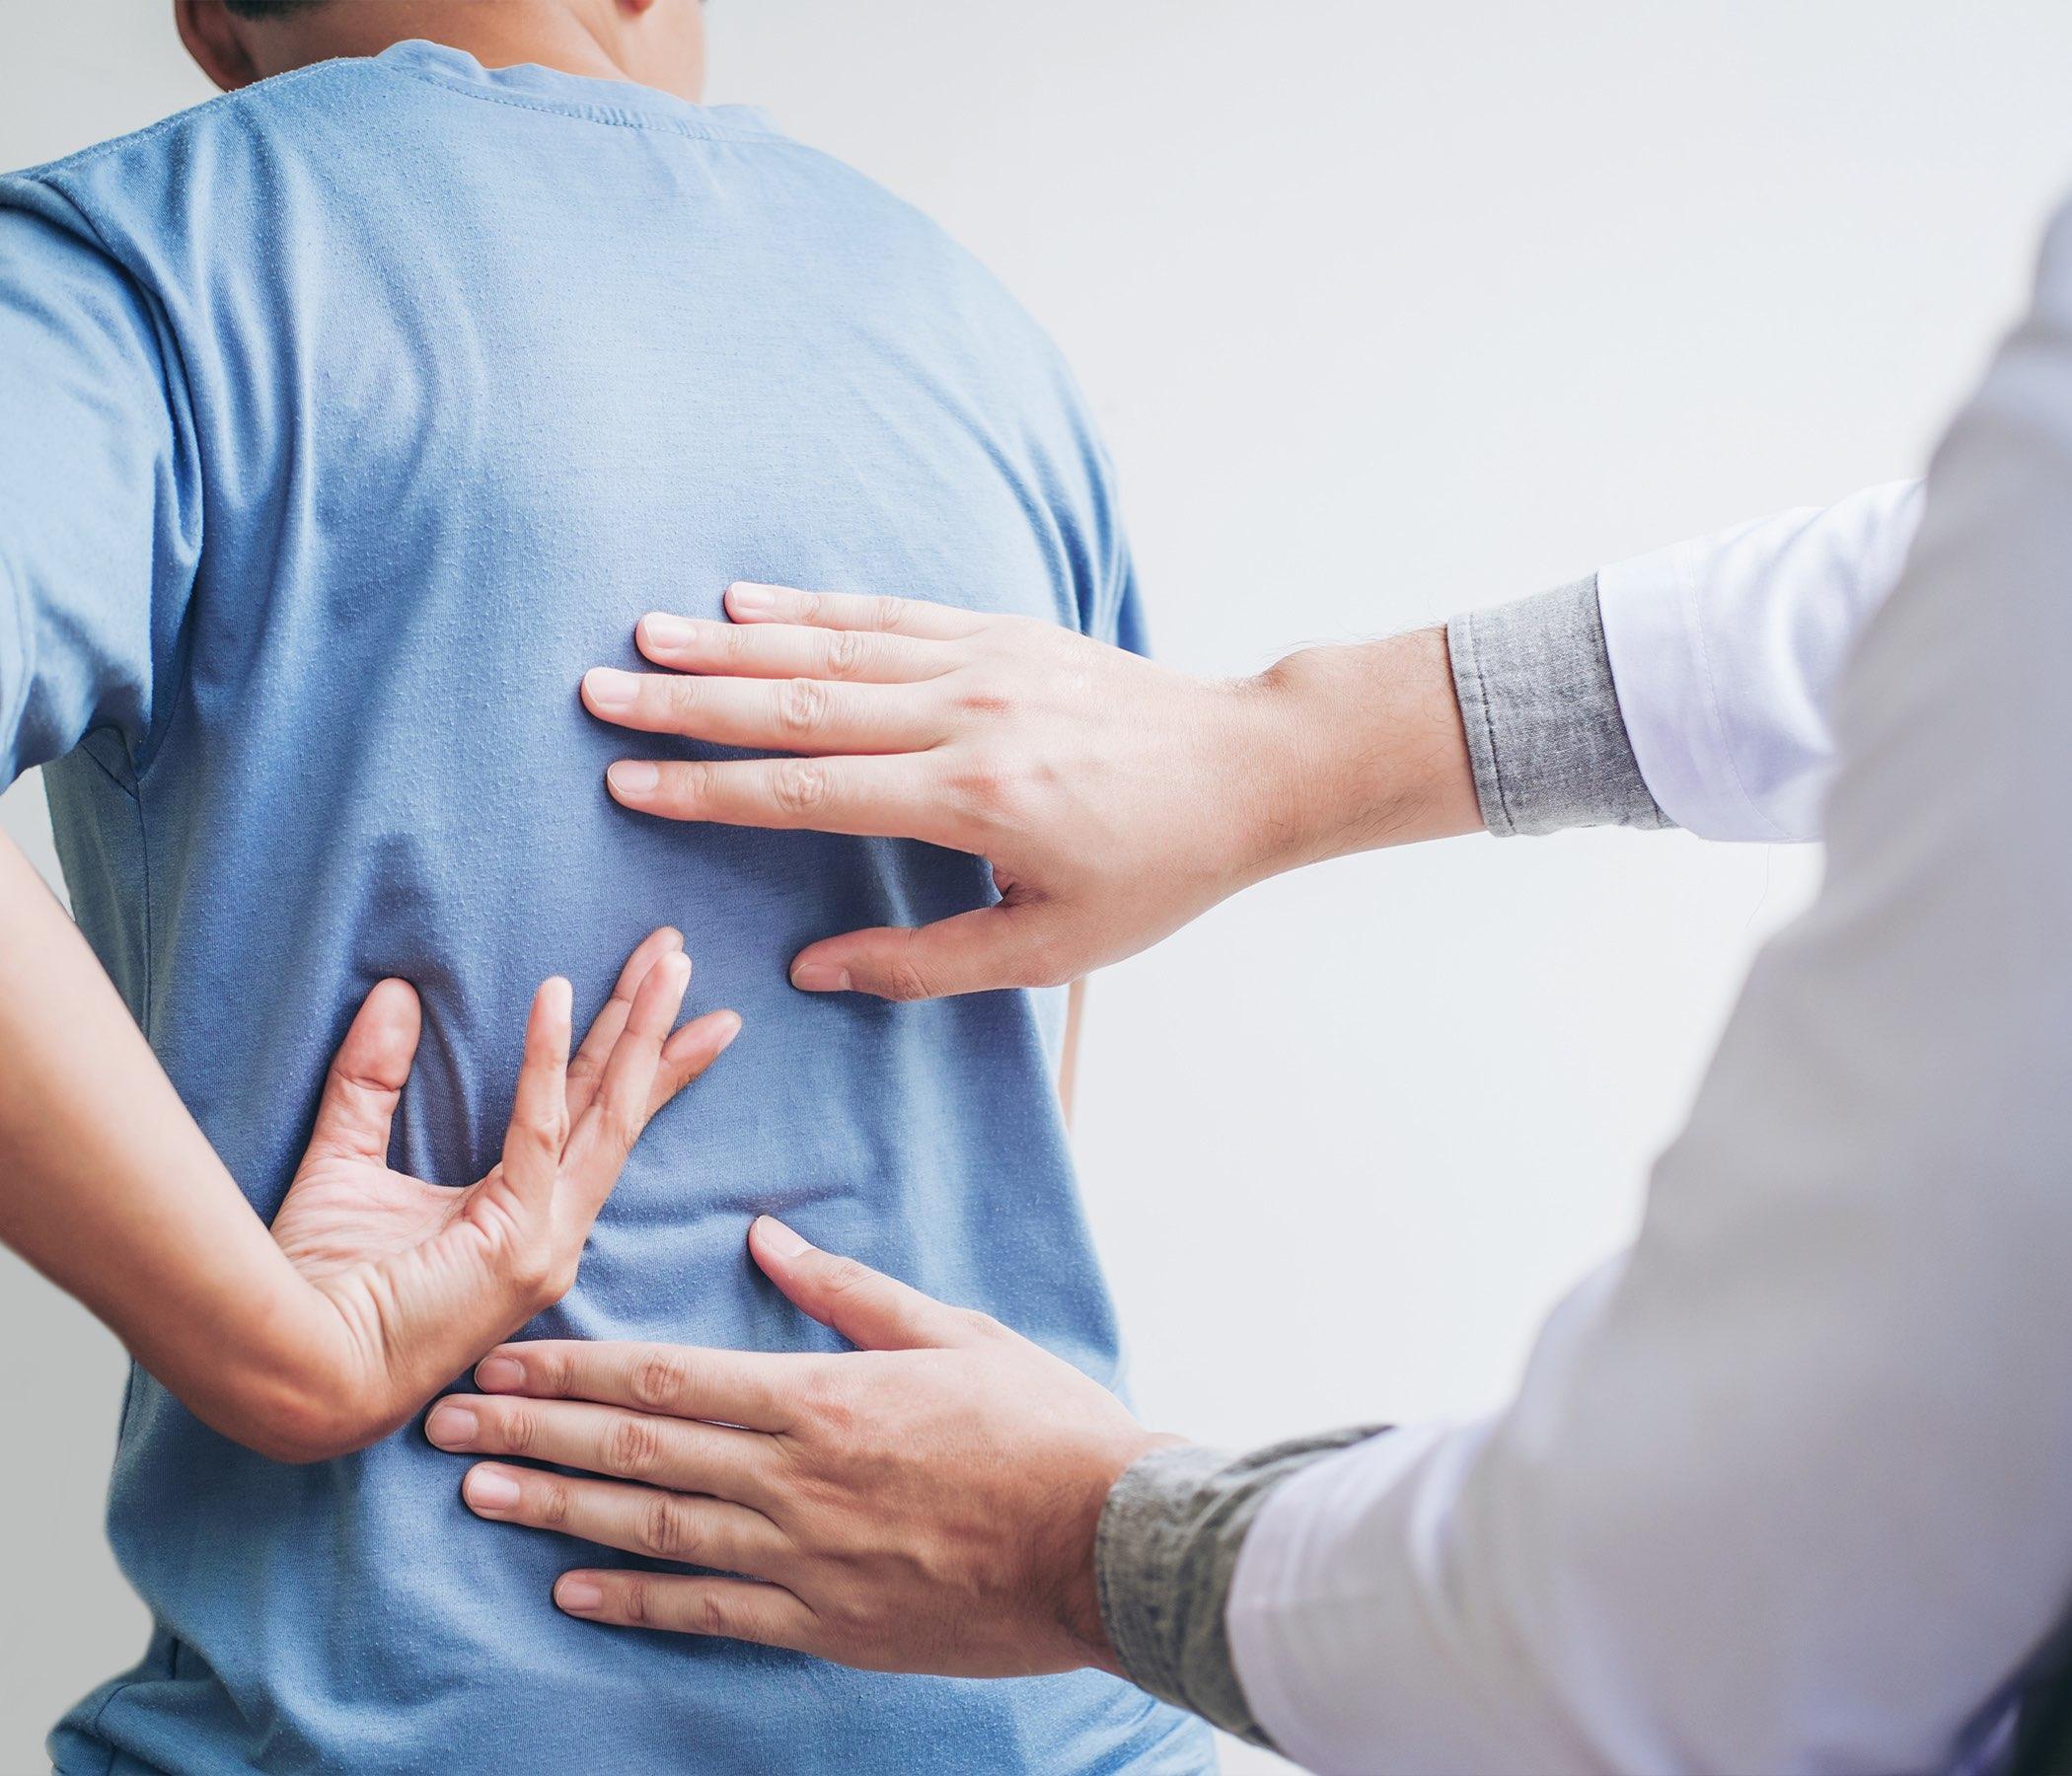 Chequeo del dolor de espalda